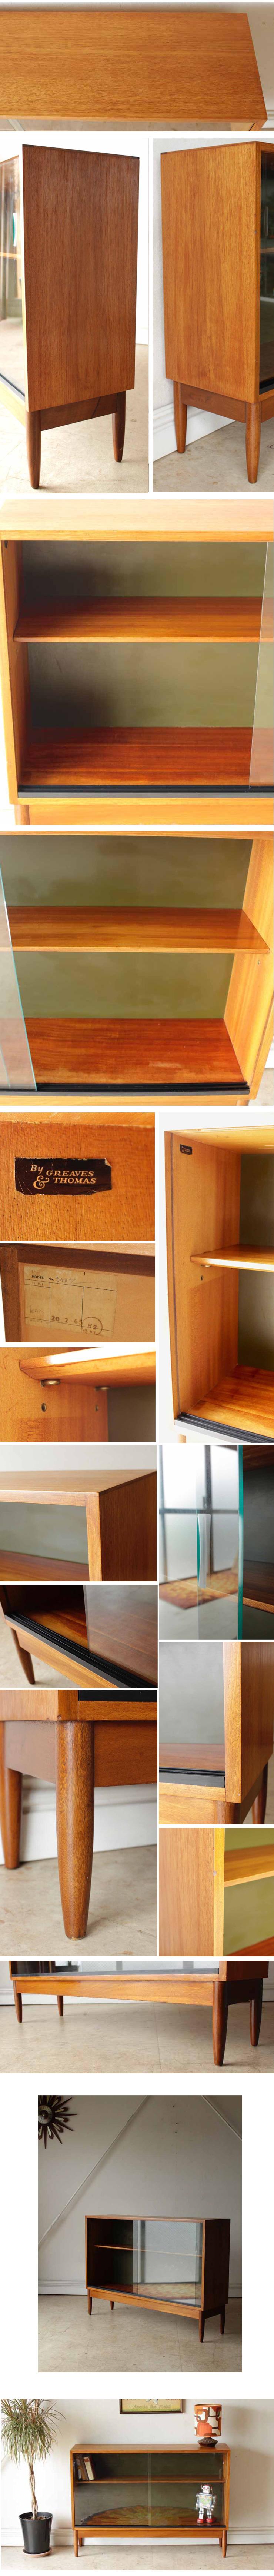 イギリスGreaves & Thomas製(グリーブス&トマス)ビンテージチーク・ブックケース・本棚・キャビネット/アンティーク家具